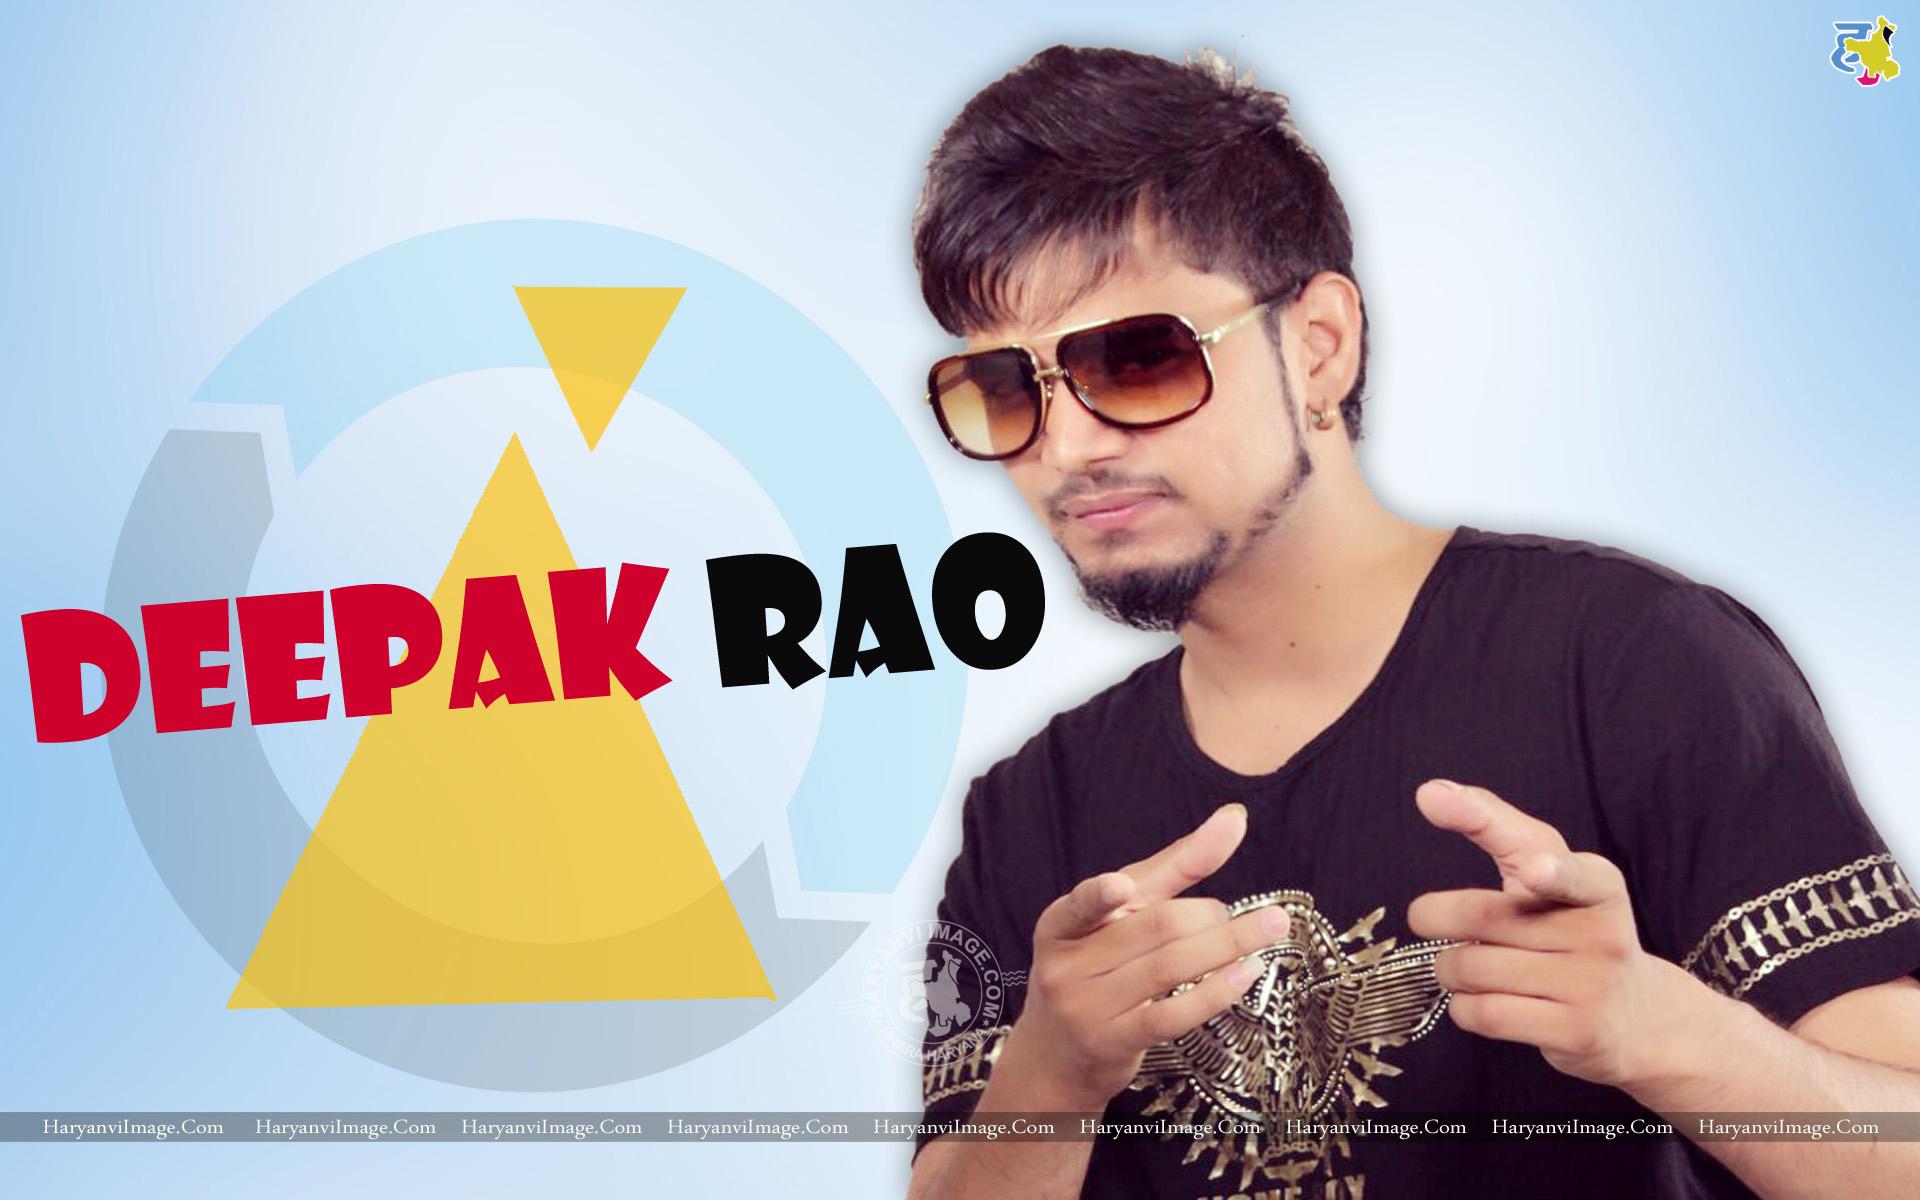 Deepak Rao